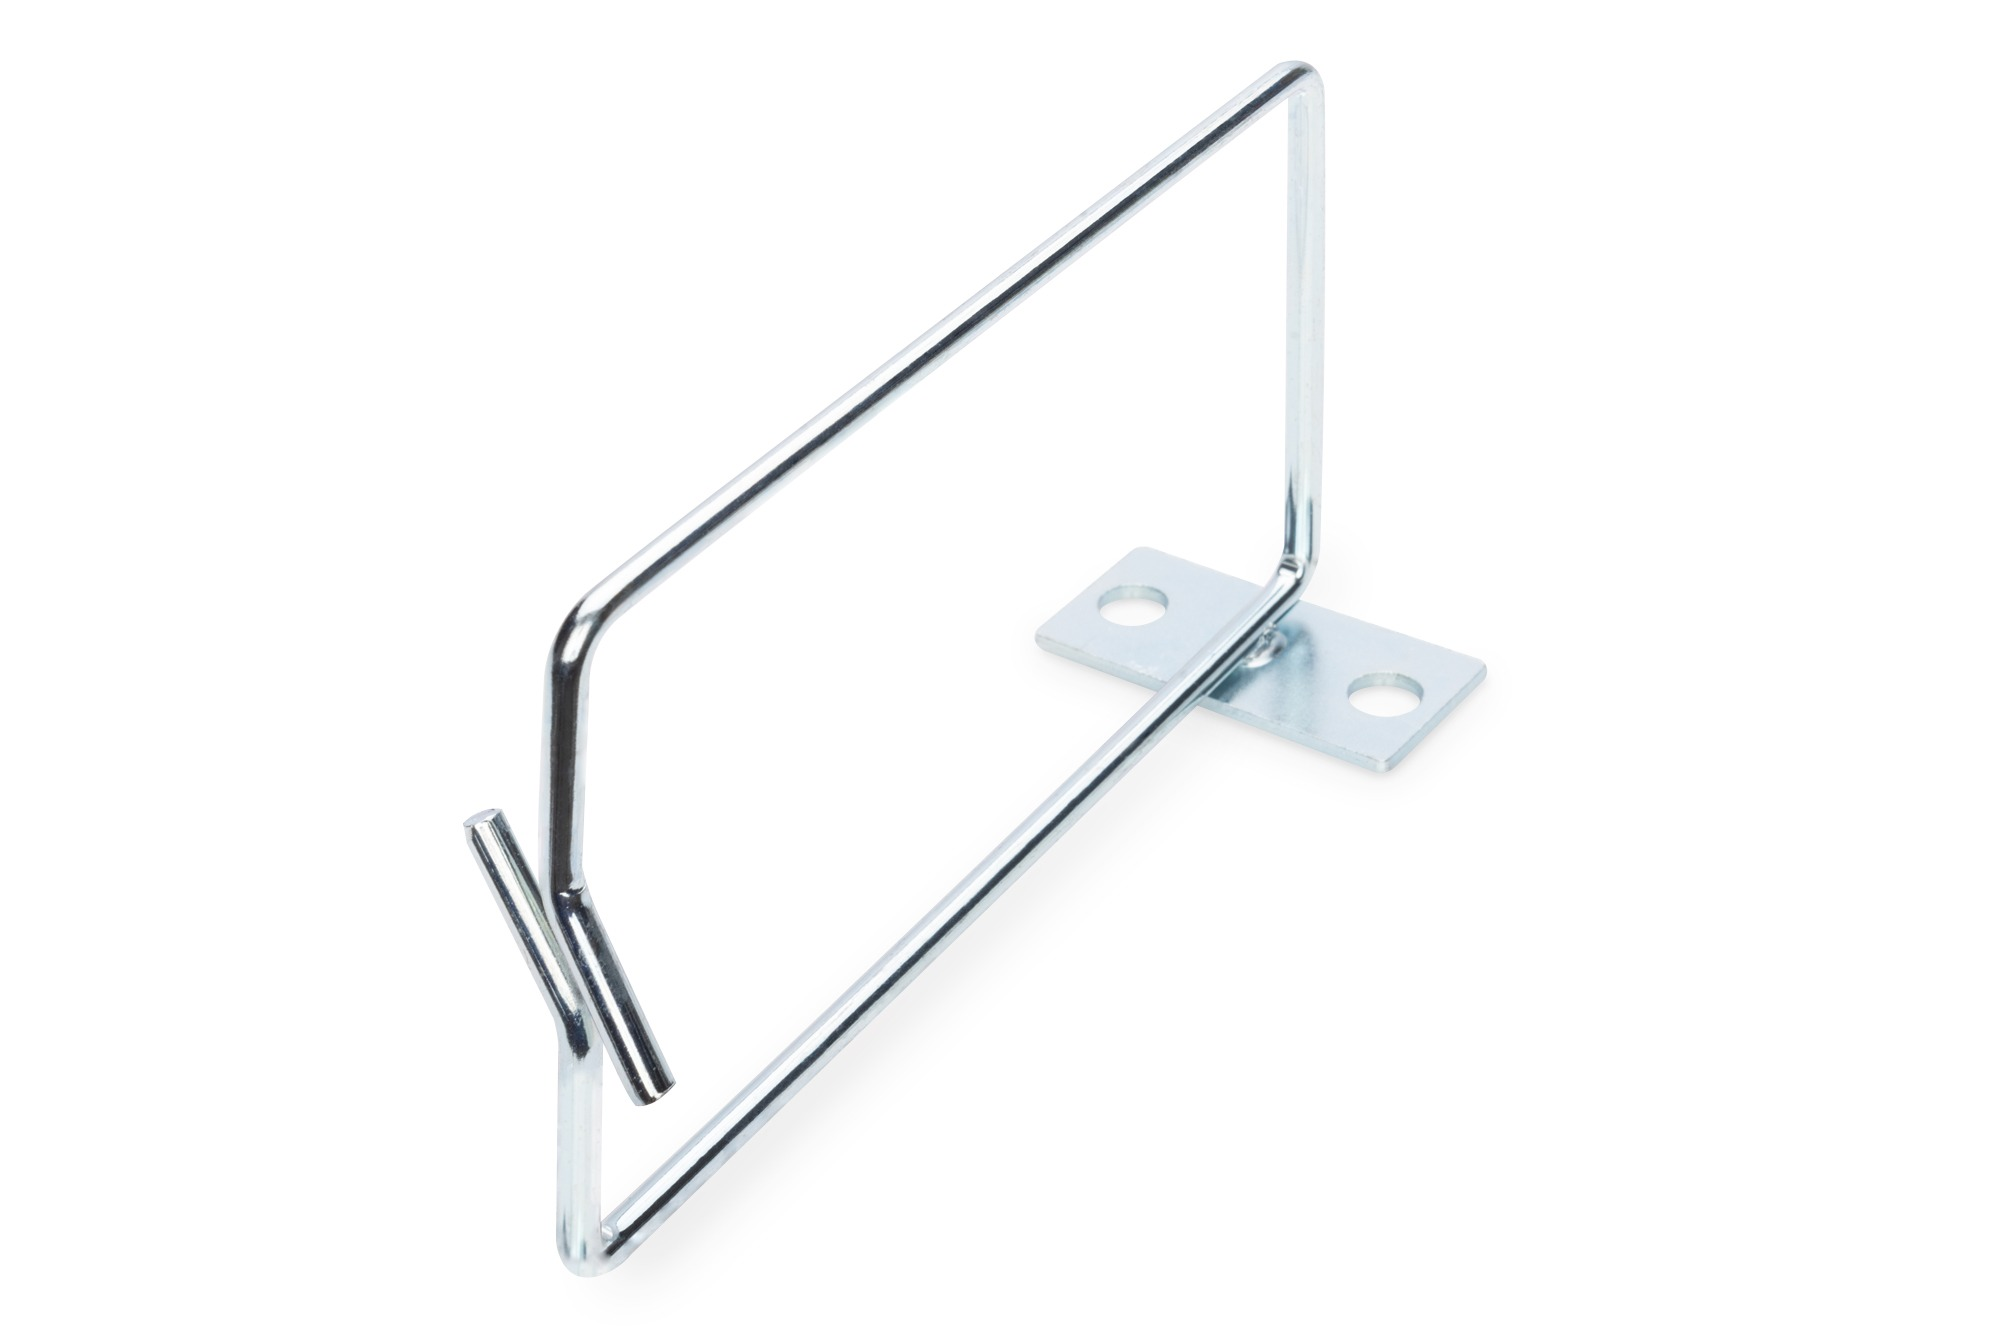 Anello guidacavi zincato per rack 19″ mm 80×120 entrata cavi laterale attacco sfalsato